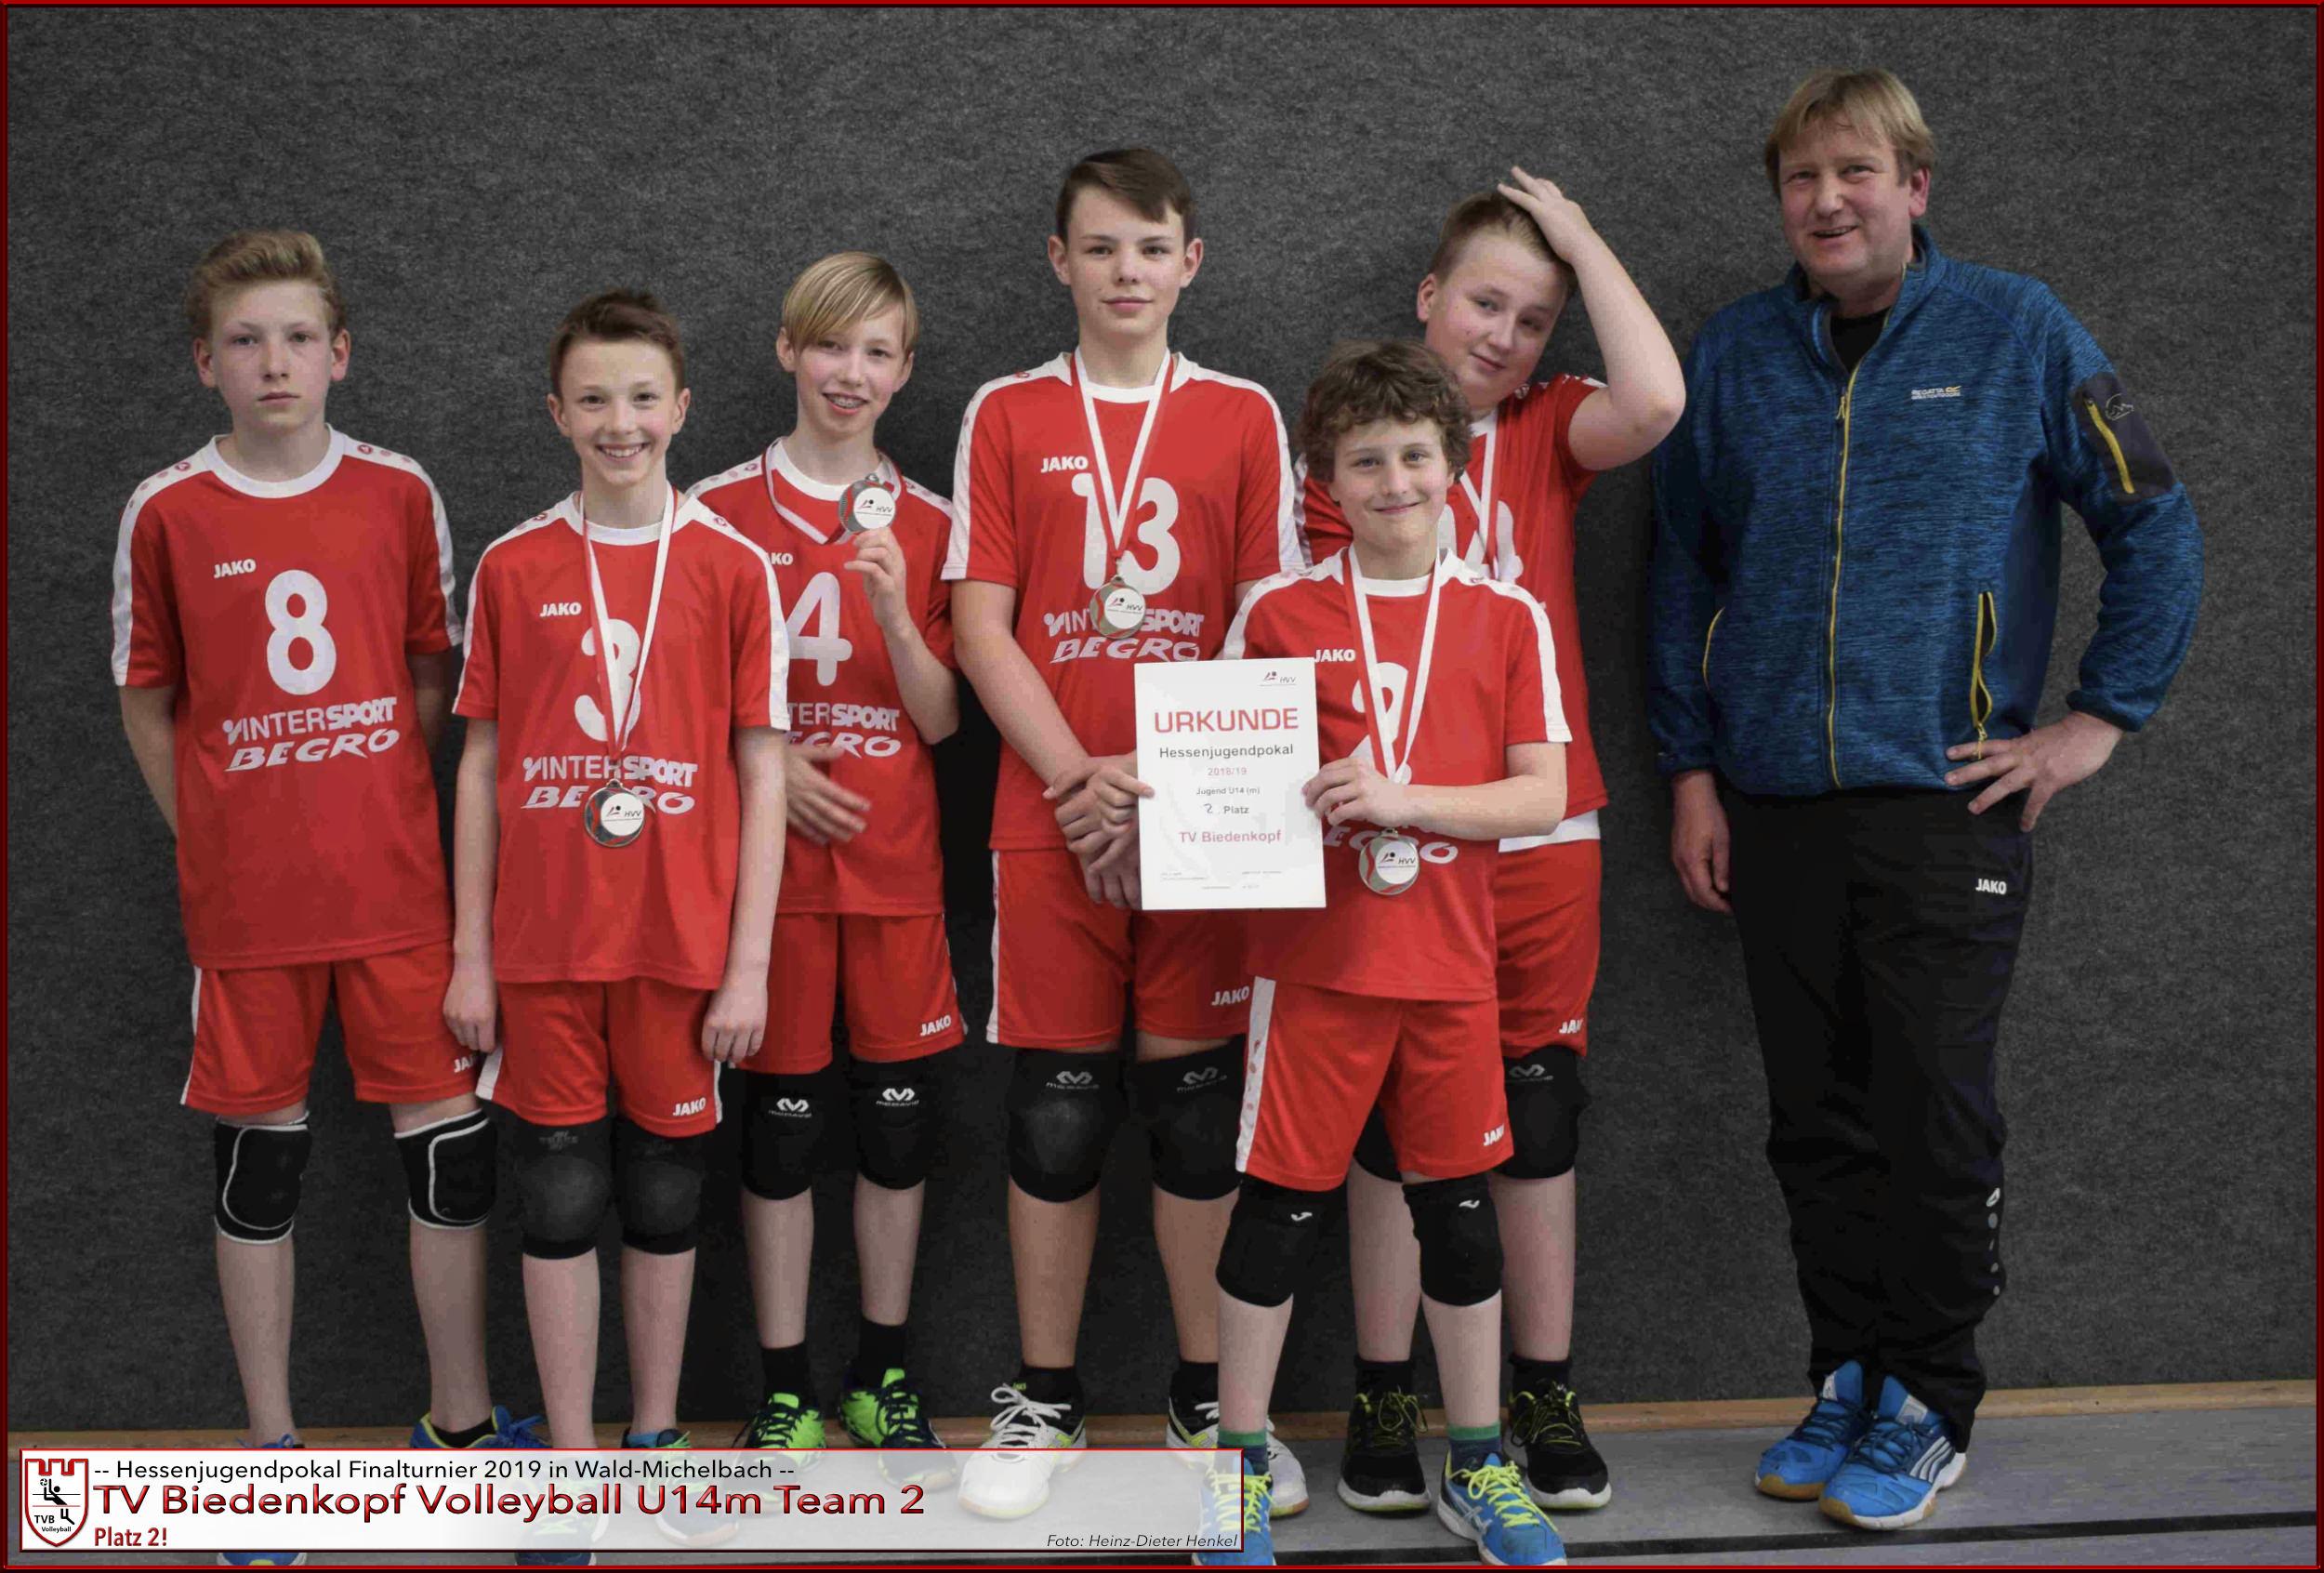 Volleyball TV Biedenkopf U14m II Hessenjugendpokalfinale 2019 Platz 2